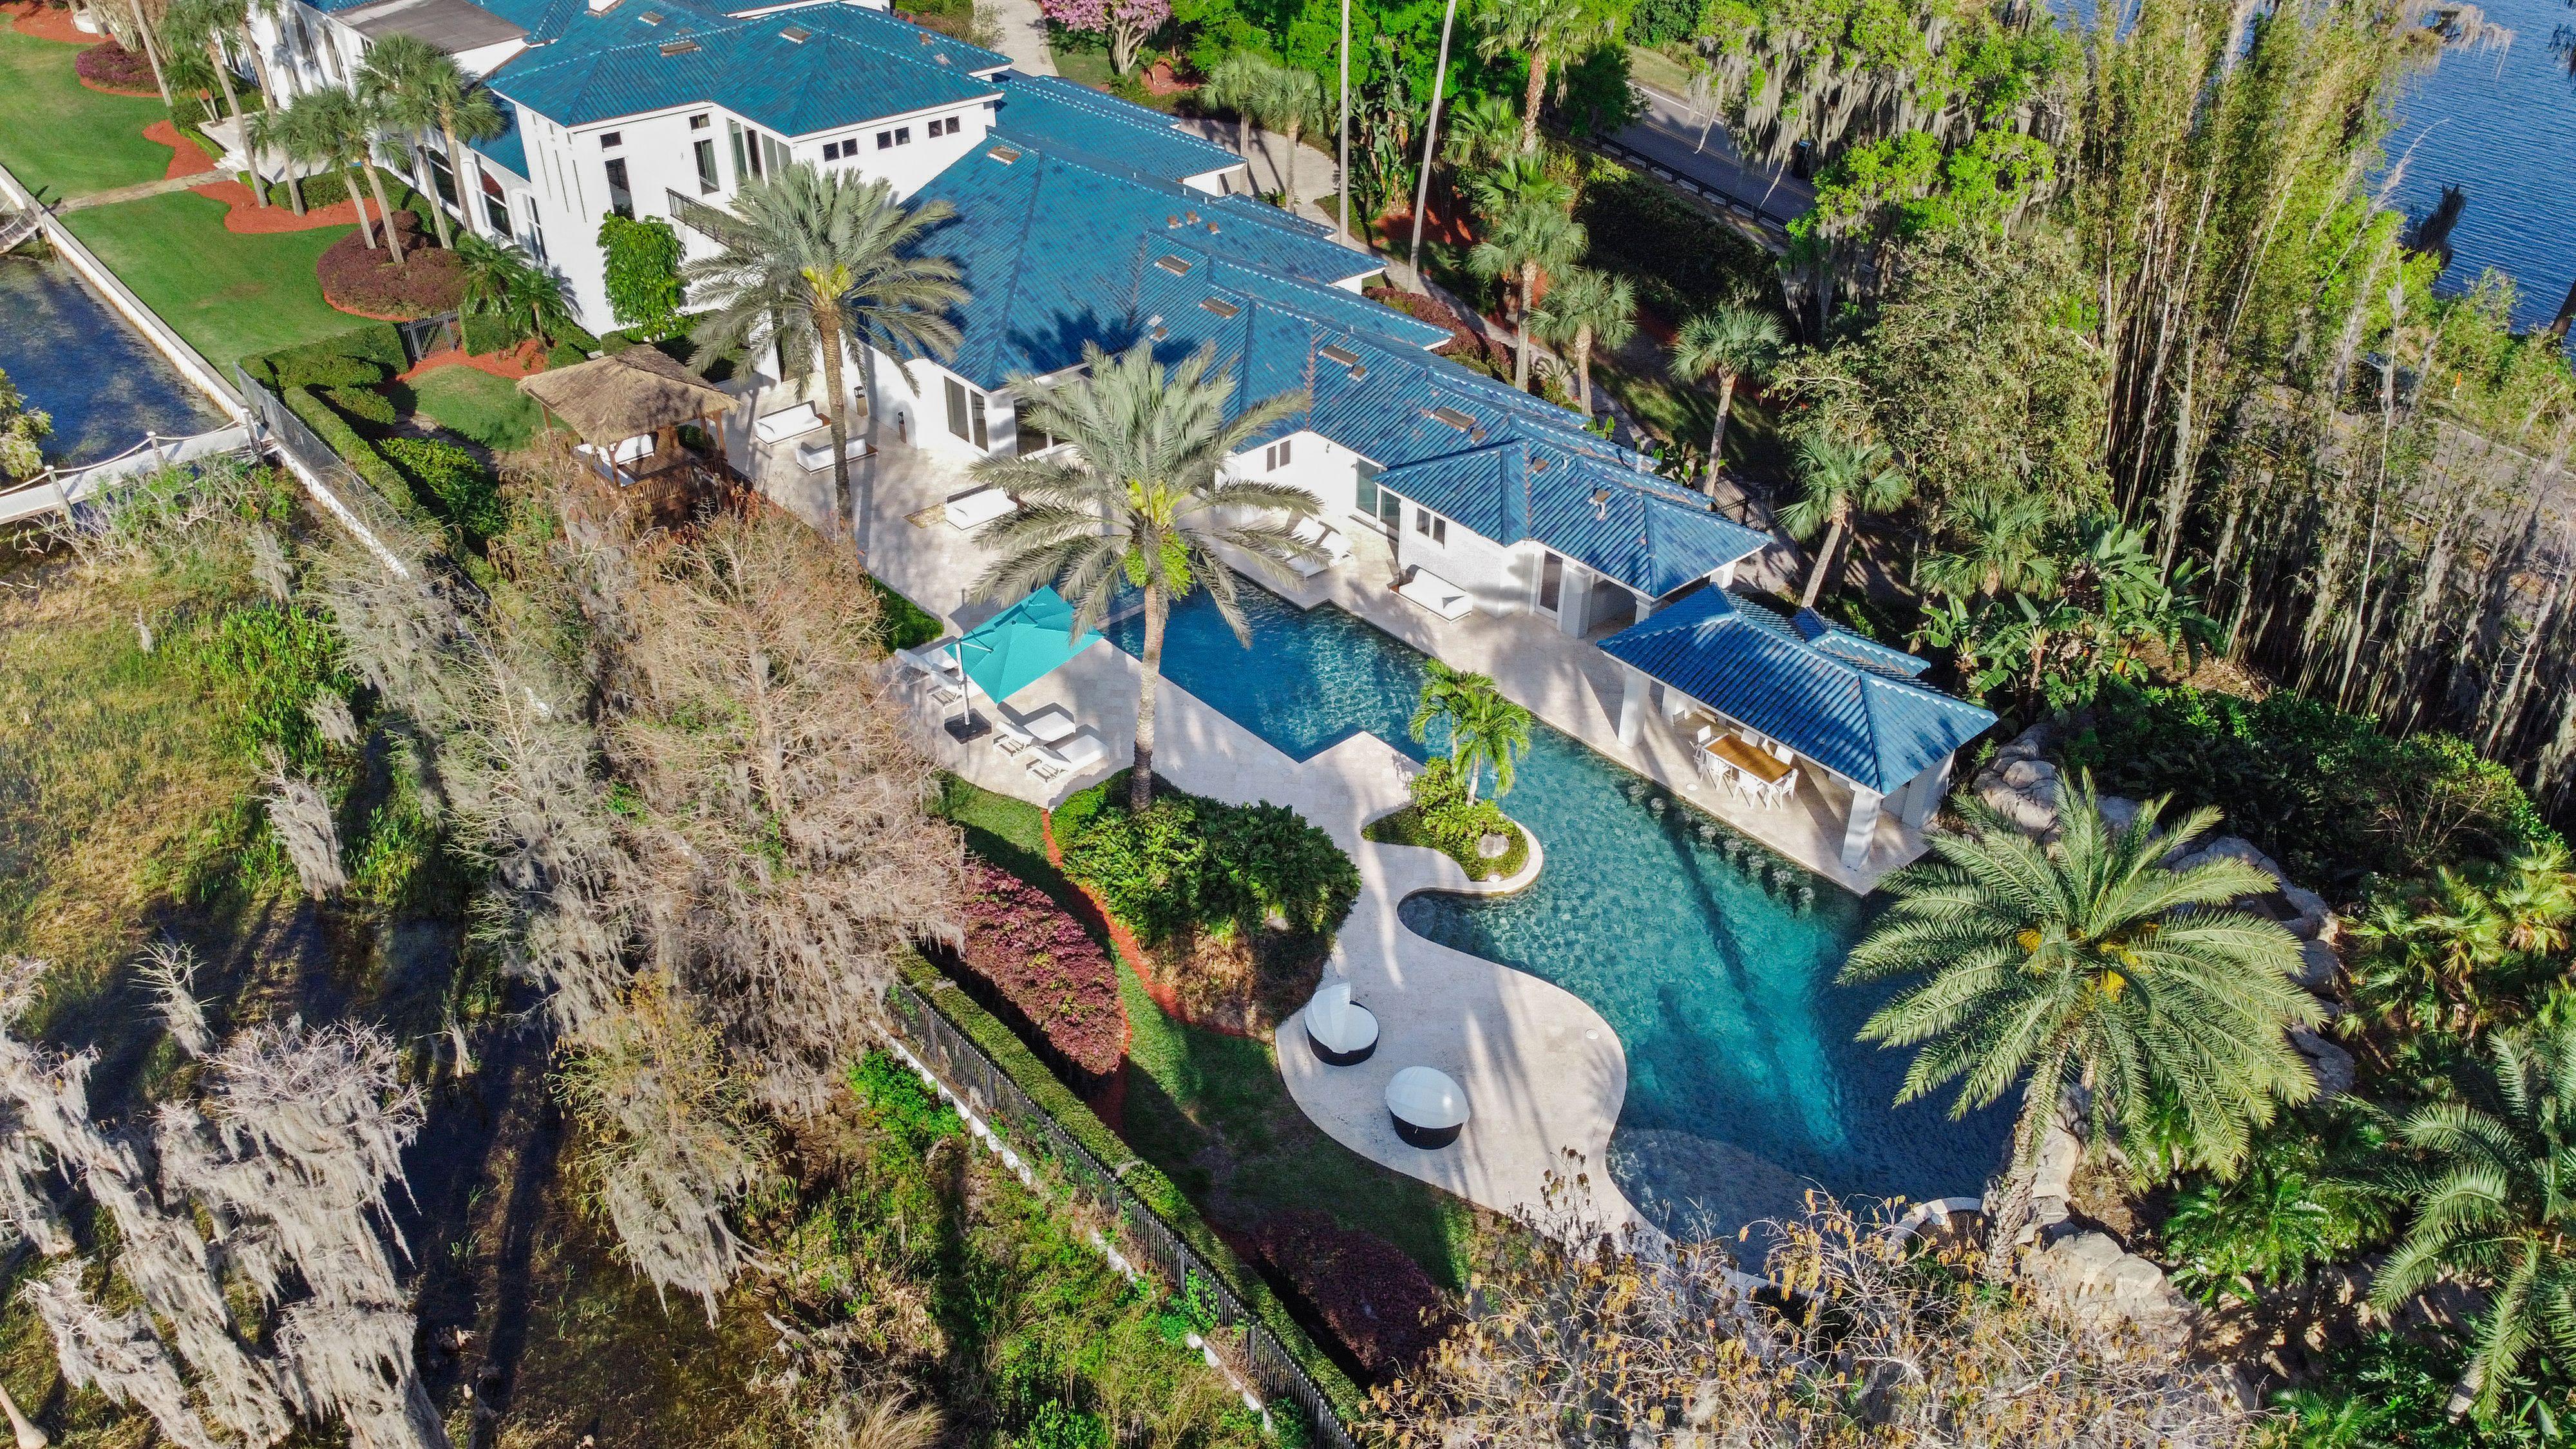 shaq's florida estate aerial